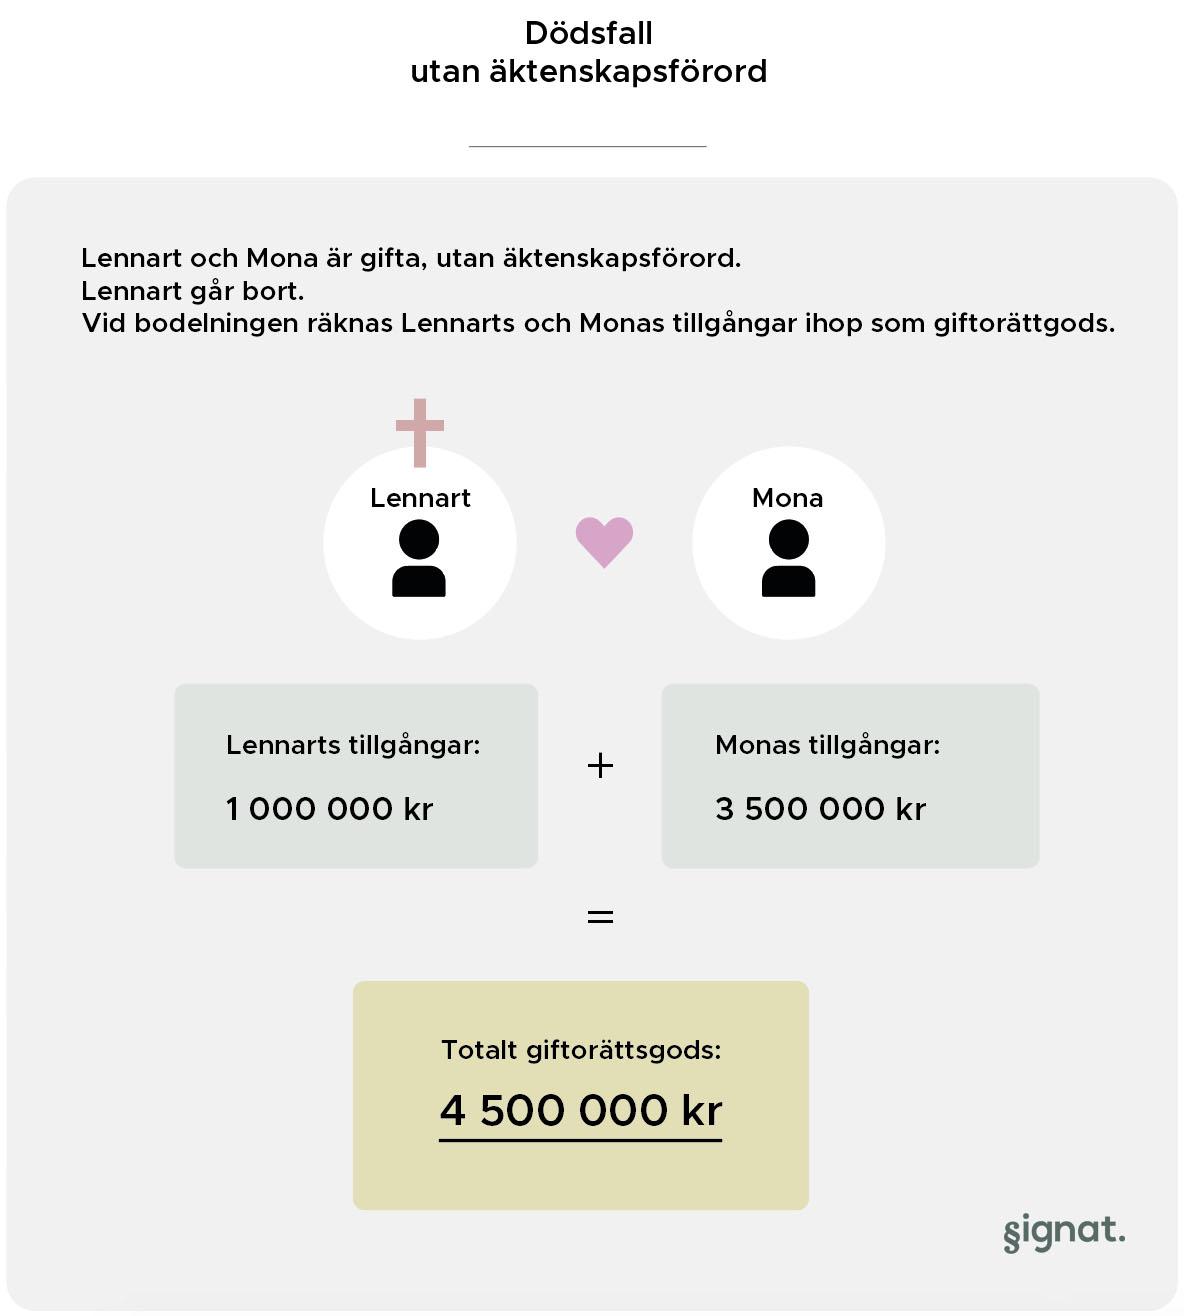 dödsfall utan äktenskapsförord avtal fakta